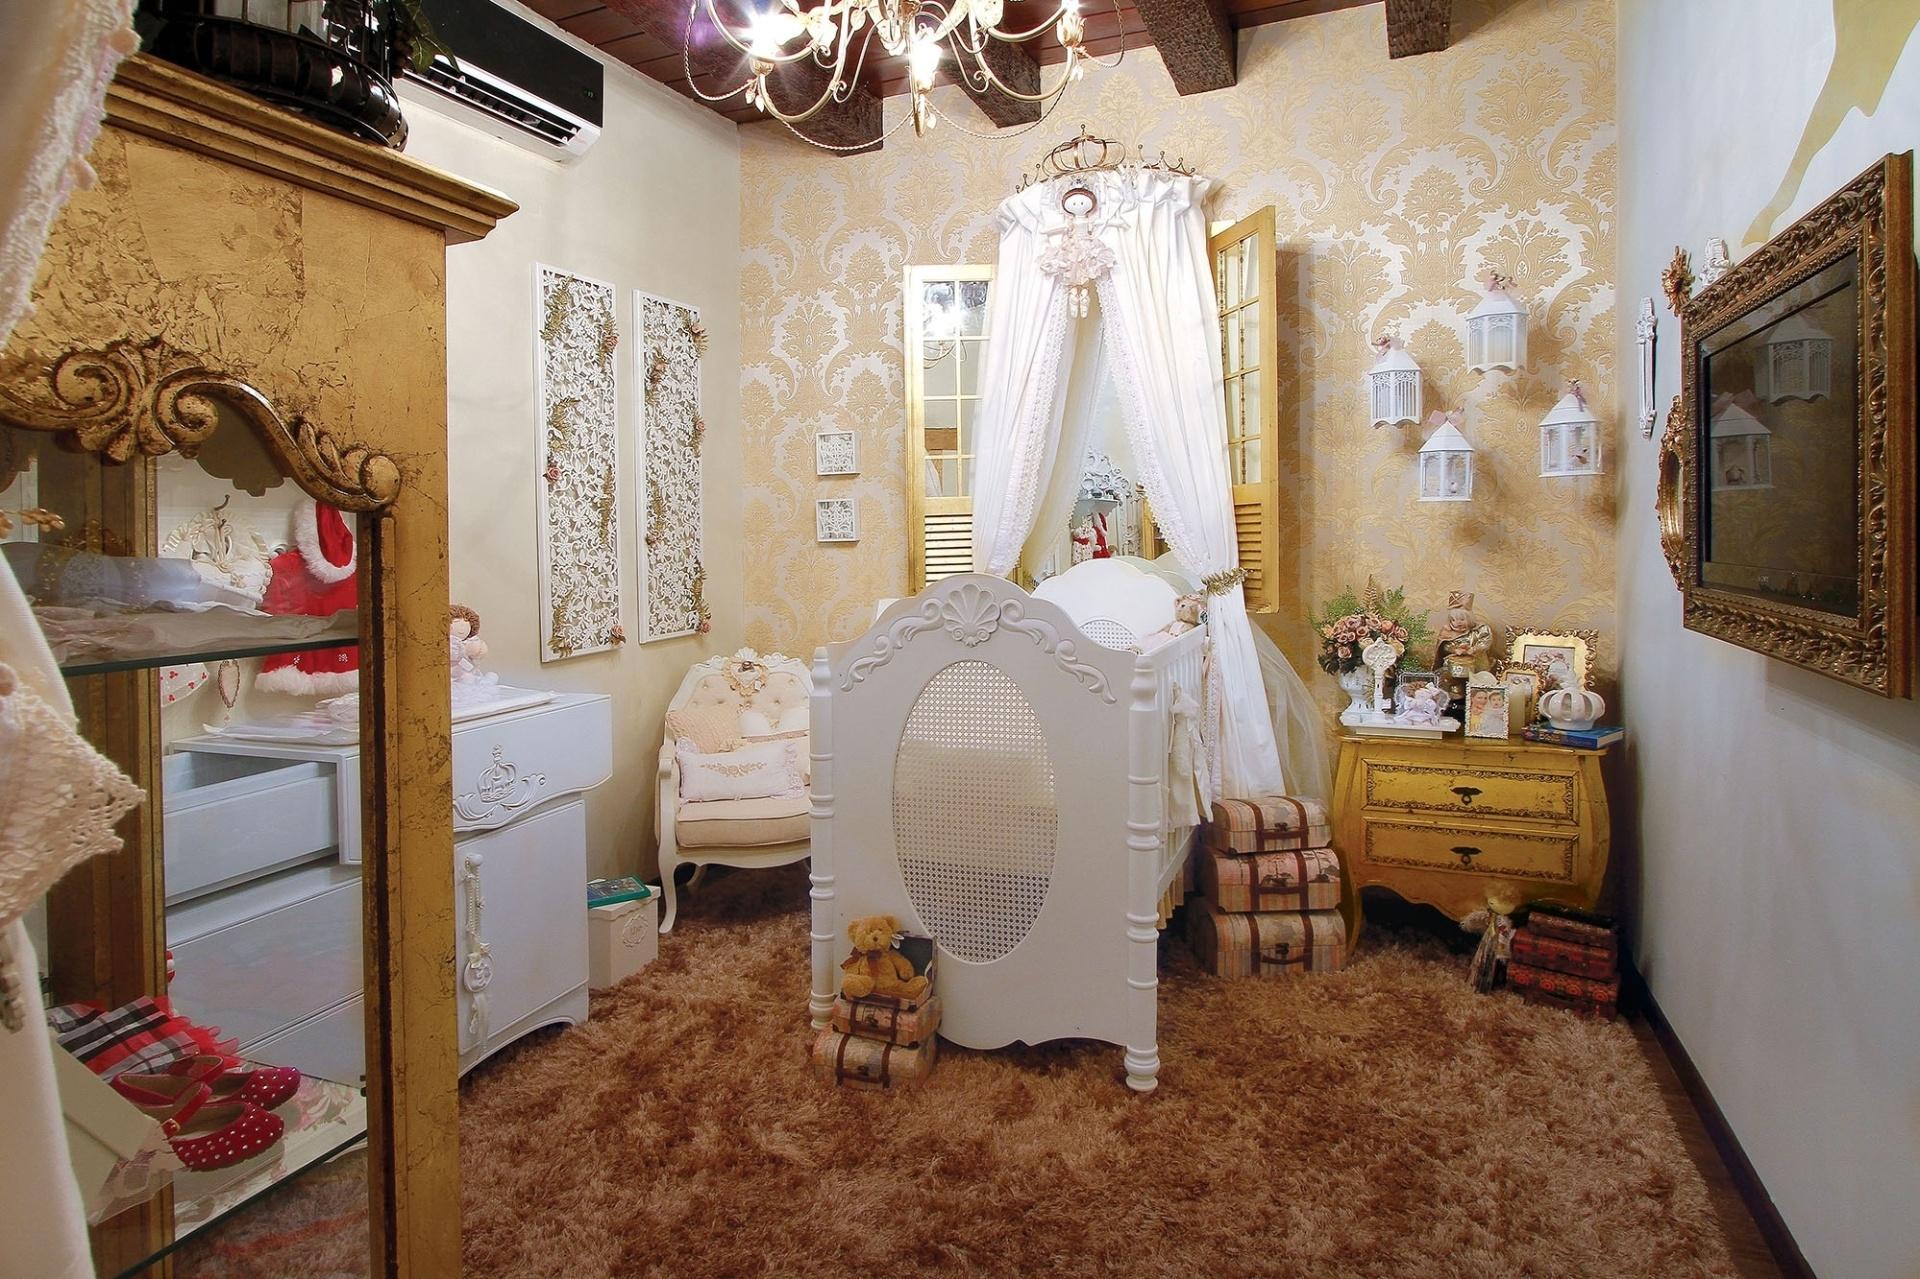 No quarto de bebê, projetado por Joice Campos, Kamila Moura e João Cavina, diferentes texturas, tais como o tecido adamascado na parede e o tapete felpudo,